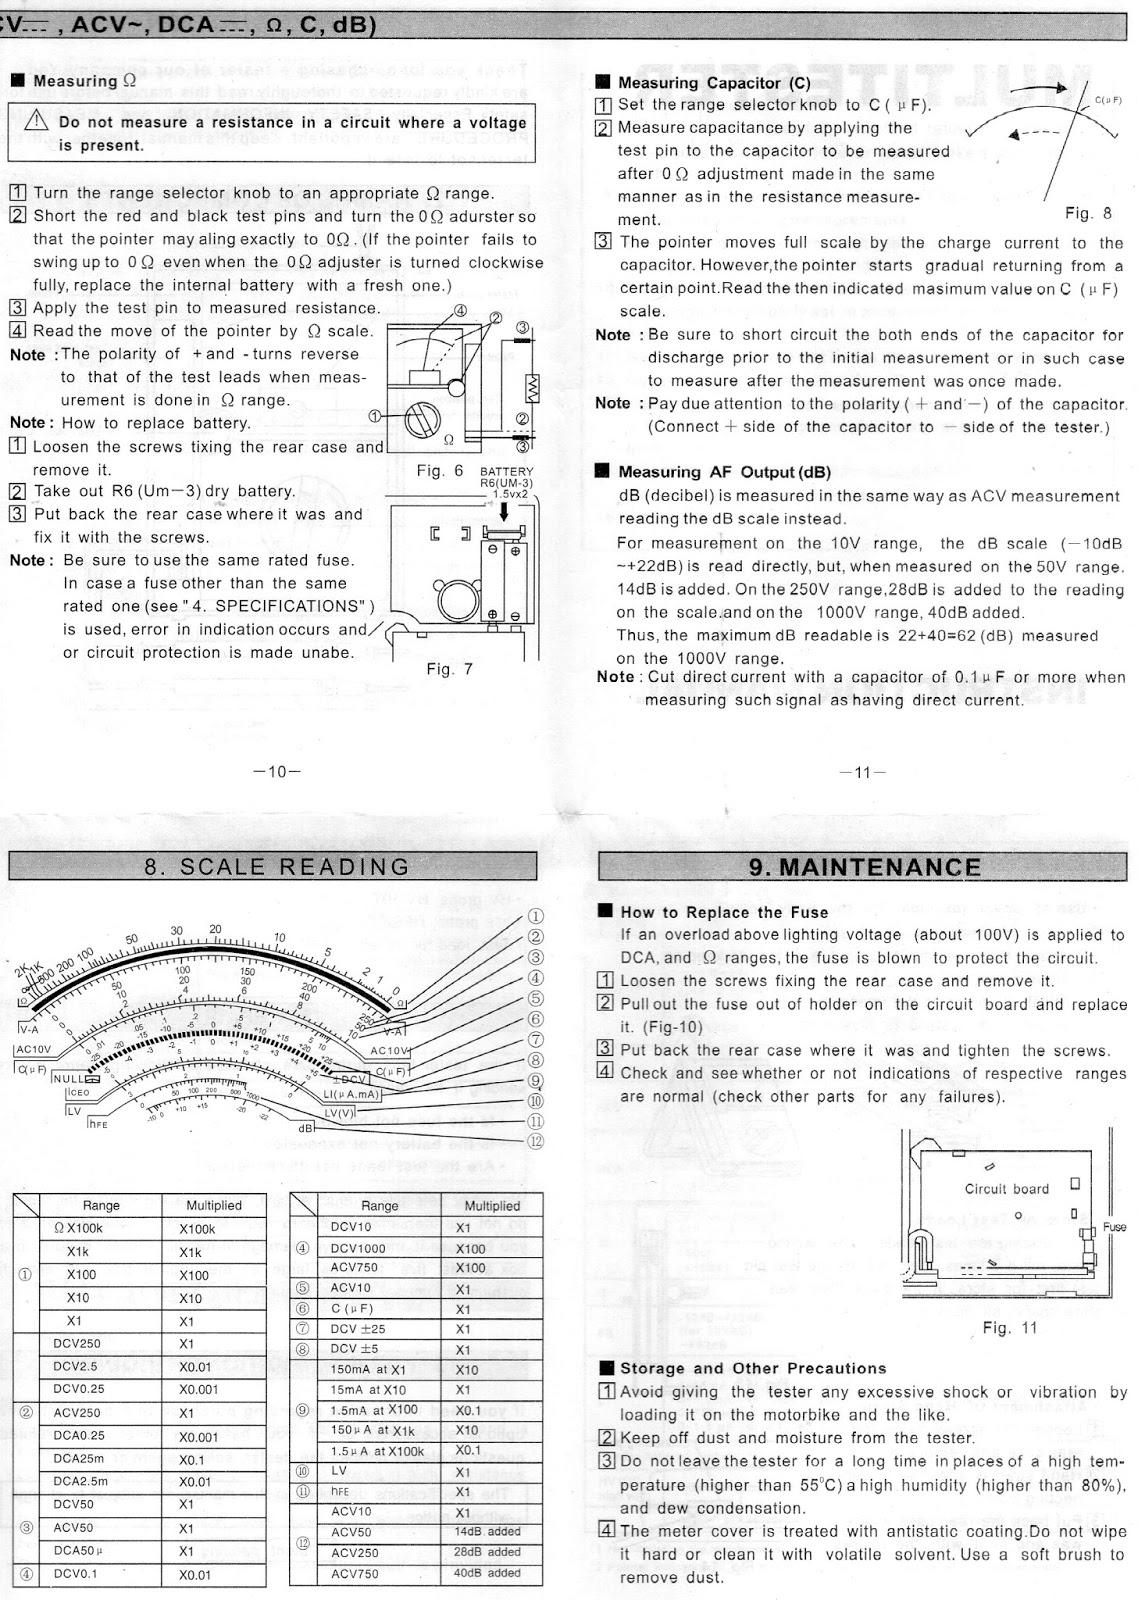 medium resolution of empire builder digitrax wiring diagram